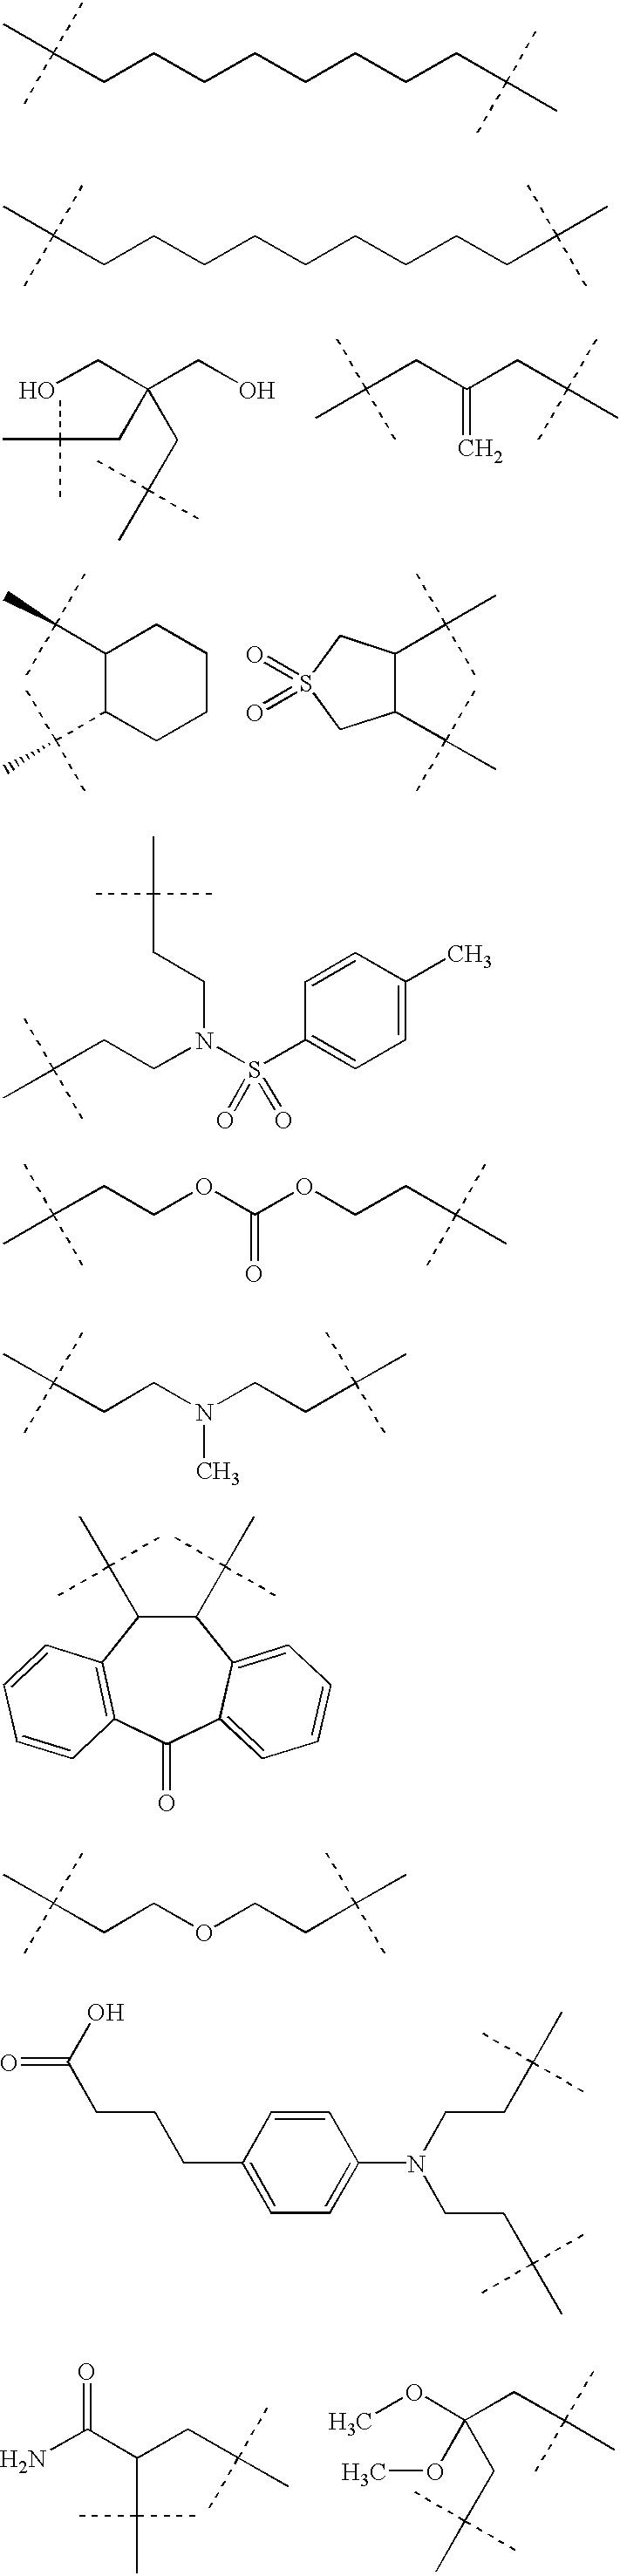 Figure US06693202-20040217-C00078